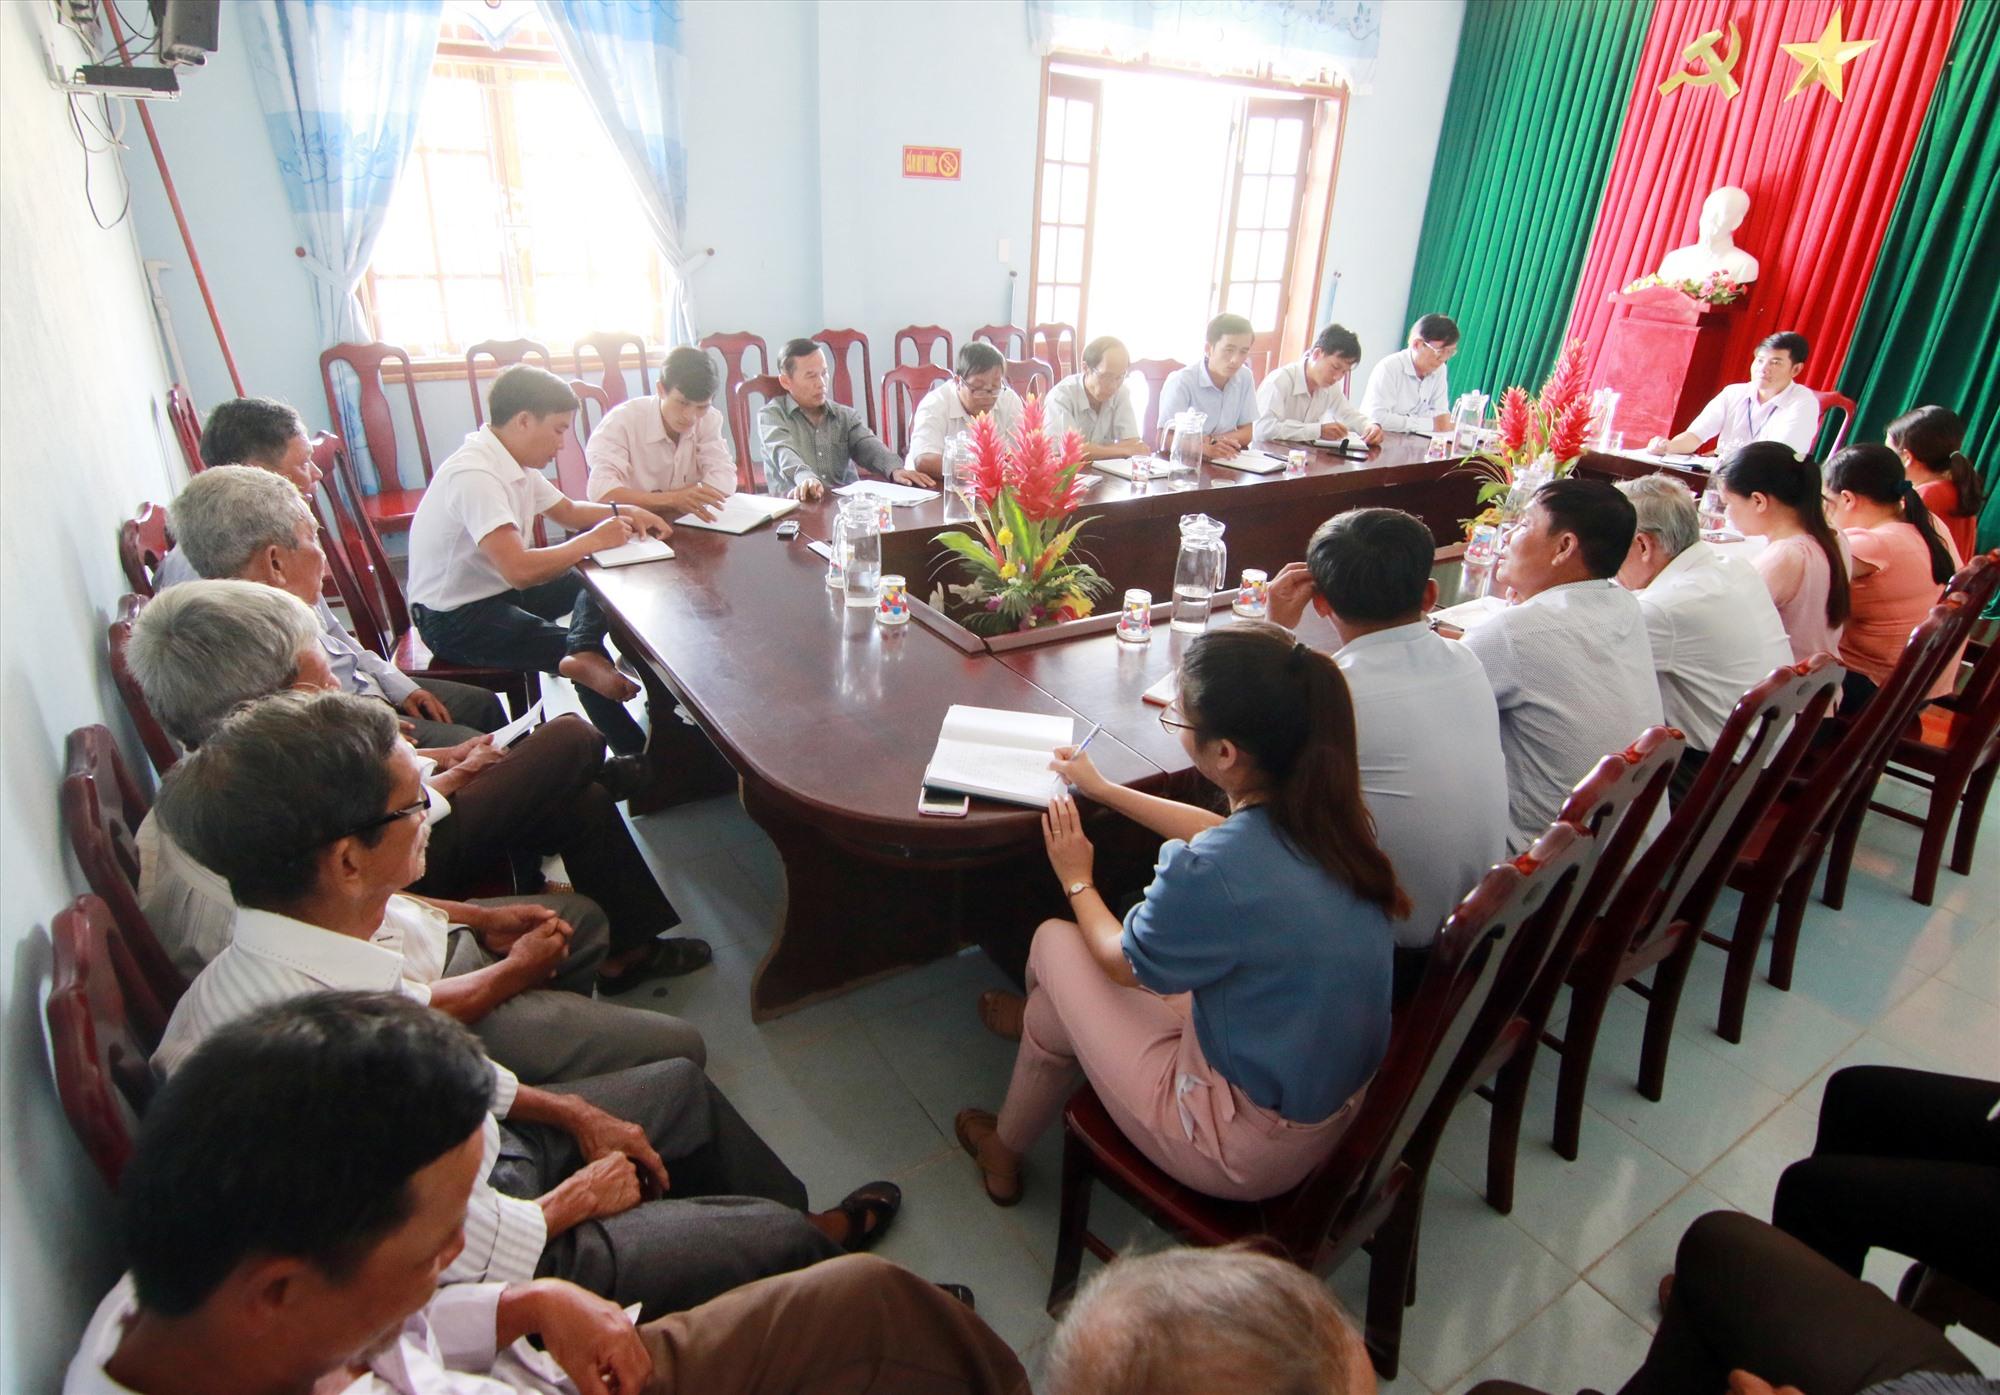 Lãnh đạo xã Quế Thọ (Hiệp Đức) họp với cán bộ các thôn lấy ý kiến góp ý triển khai chủ trương sáp nhập đơn vị hành chính cấp thôn giai đoạn 2019 - 2021. Ảnh: H.G